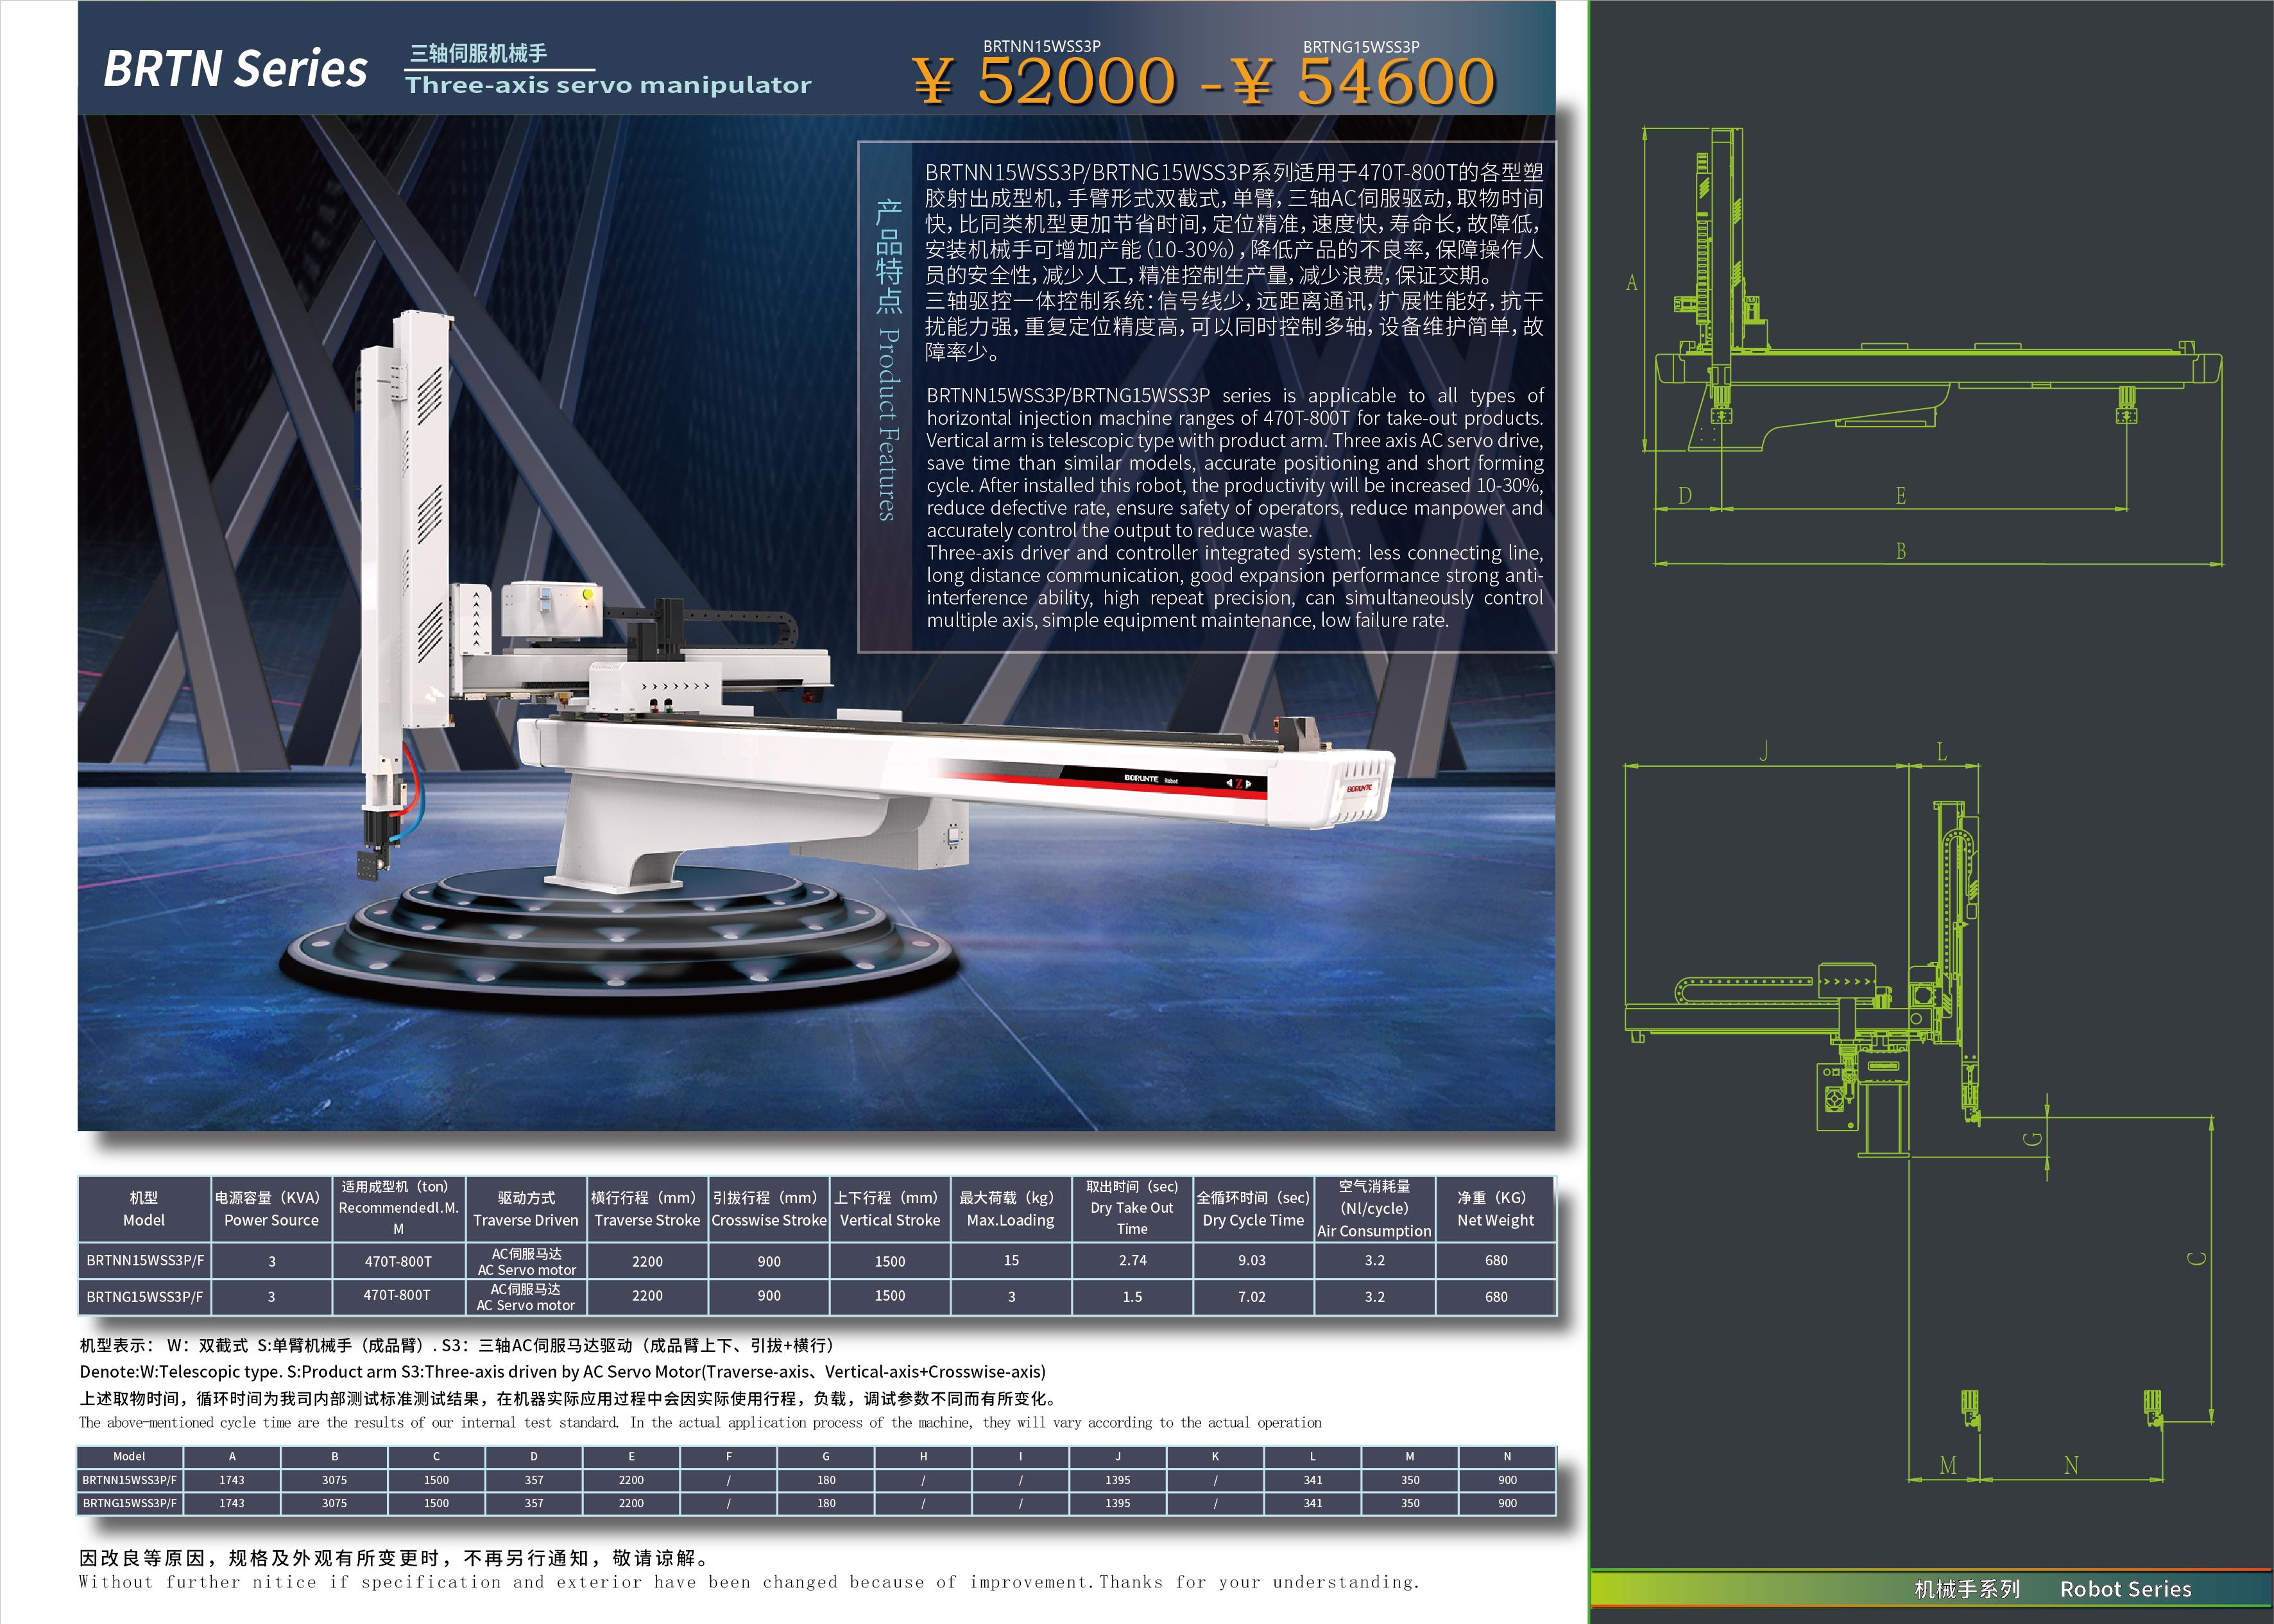 五軸伺服機械手BRTNG15WSS3P.jpg